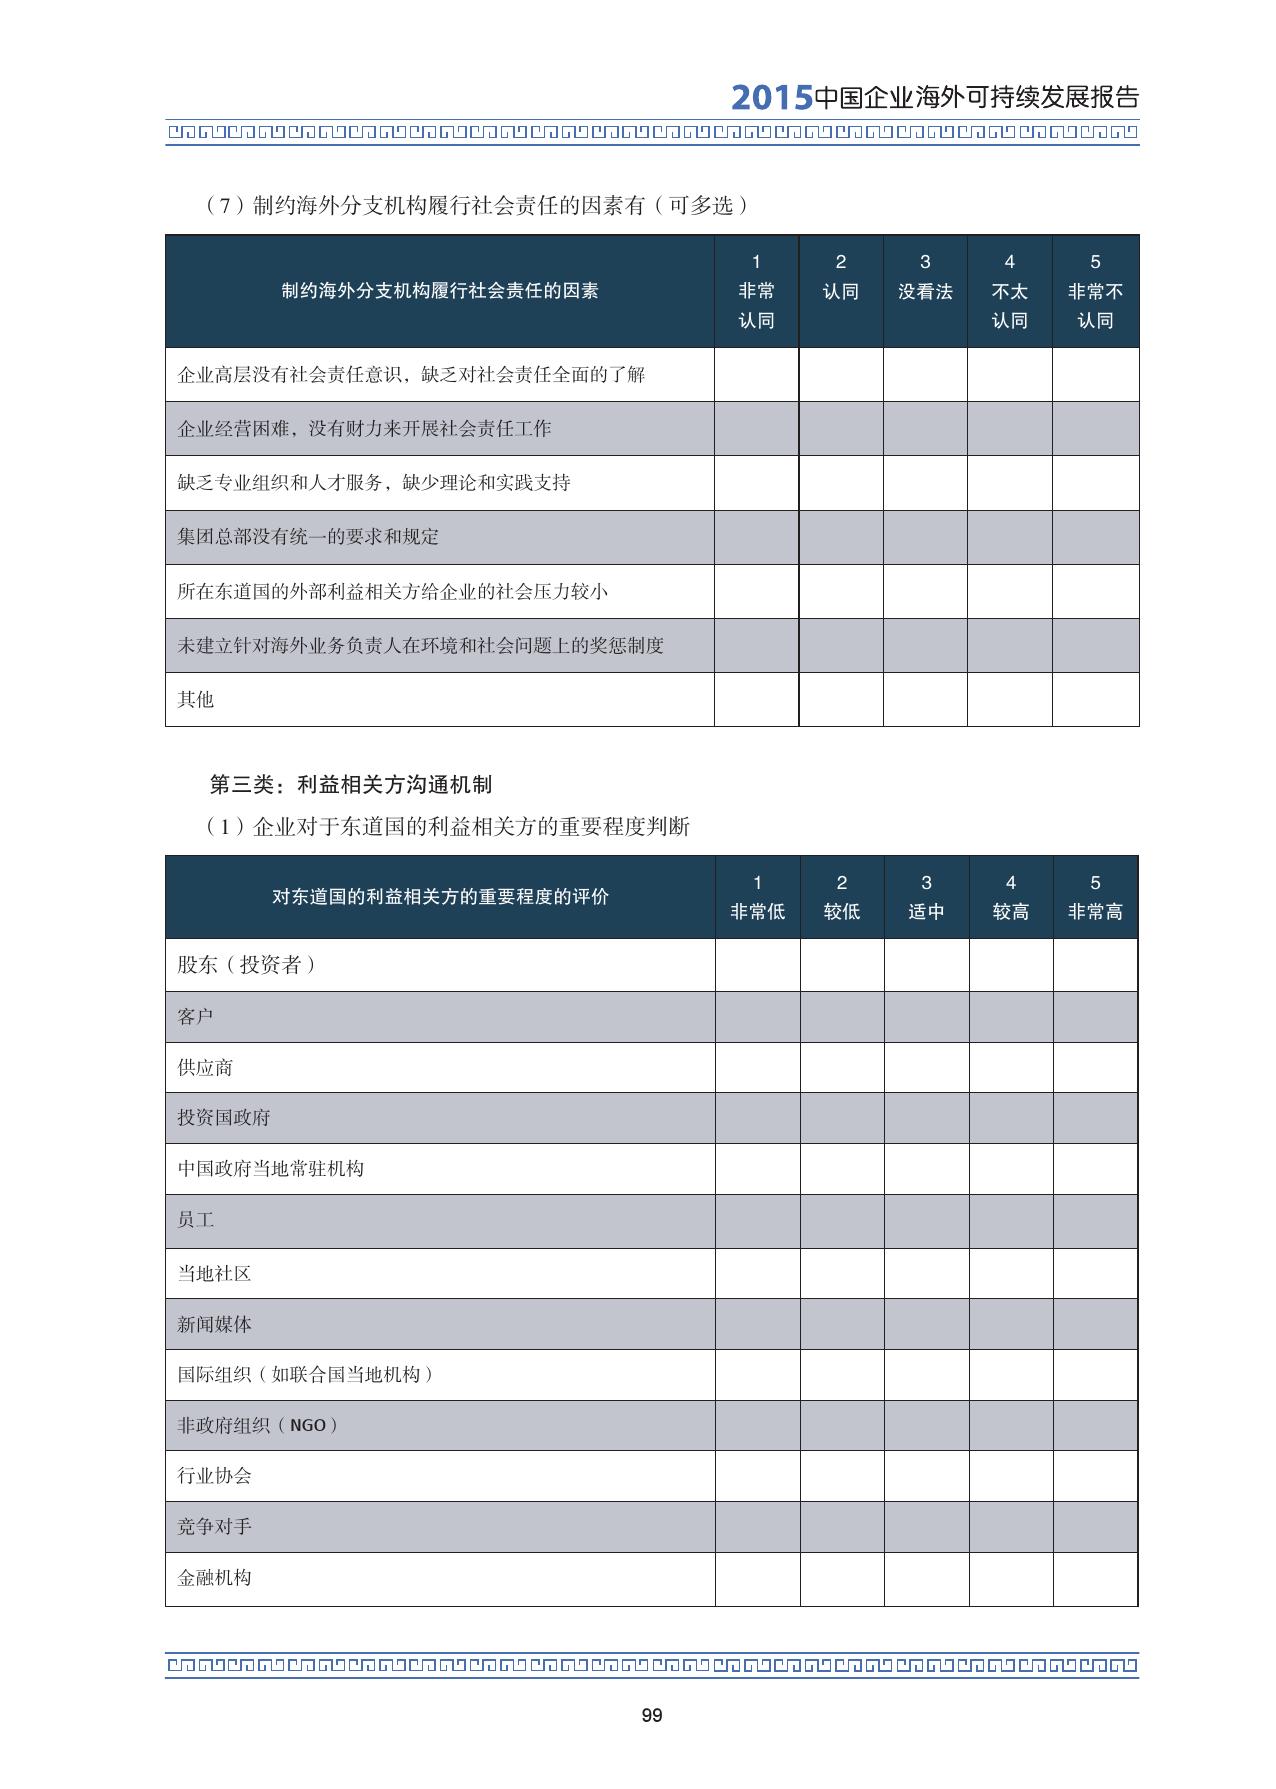 2015中国企业海外可持续发展报告_000113